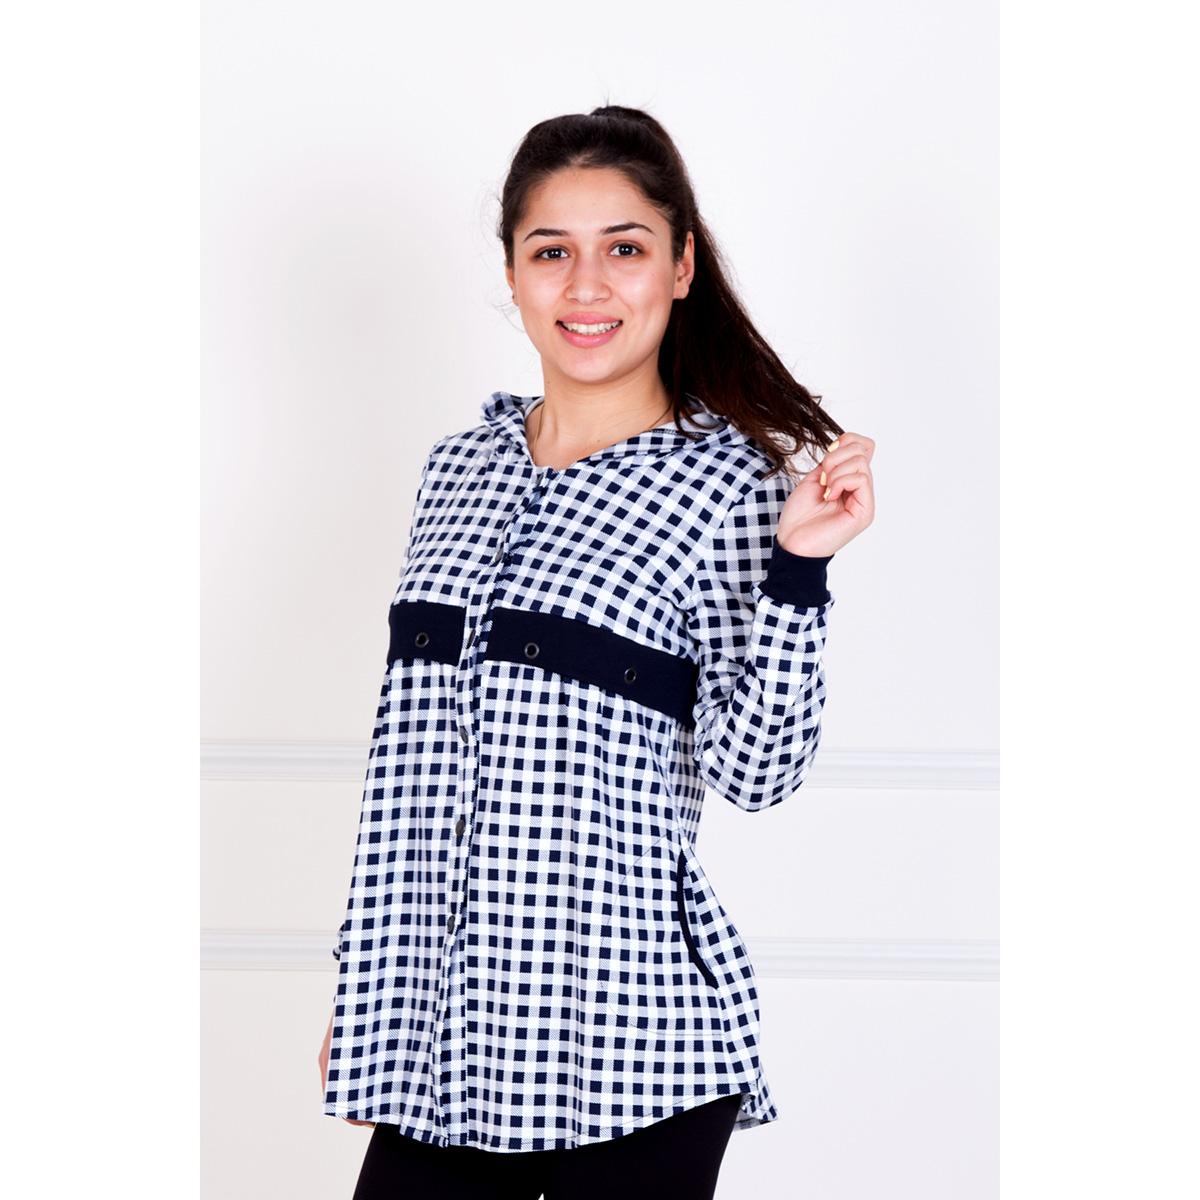 Жен. рубашка Фортуна р. 46Рубашки<br>Обхват груди:92 см<br>Обхват талии:74 см<br>Обхват бедер:100 см<br>Длина по спинке:73 см<br>Рост:167 см<br><br>Тип: Жен. рубашка<br>Размер: 46<br>Материал: Интерлок